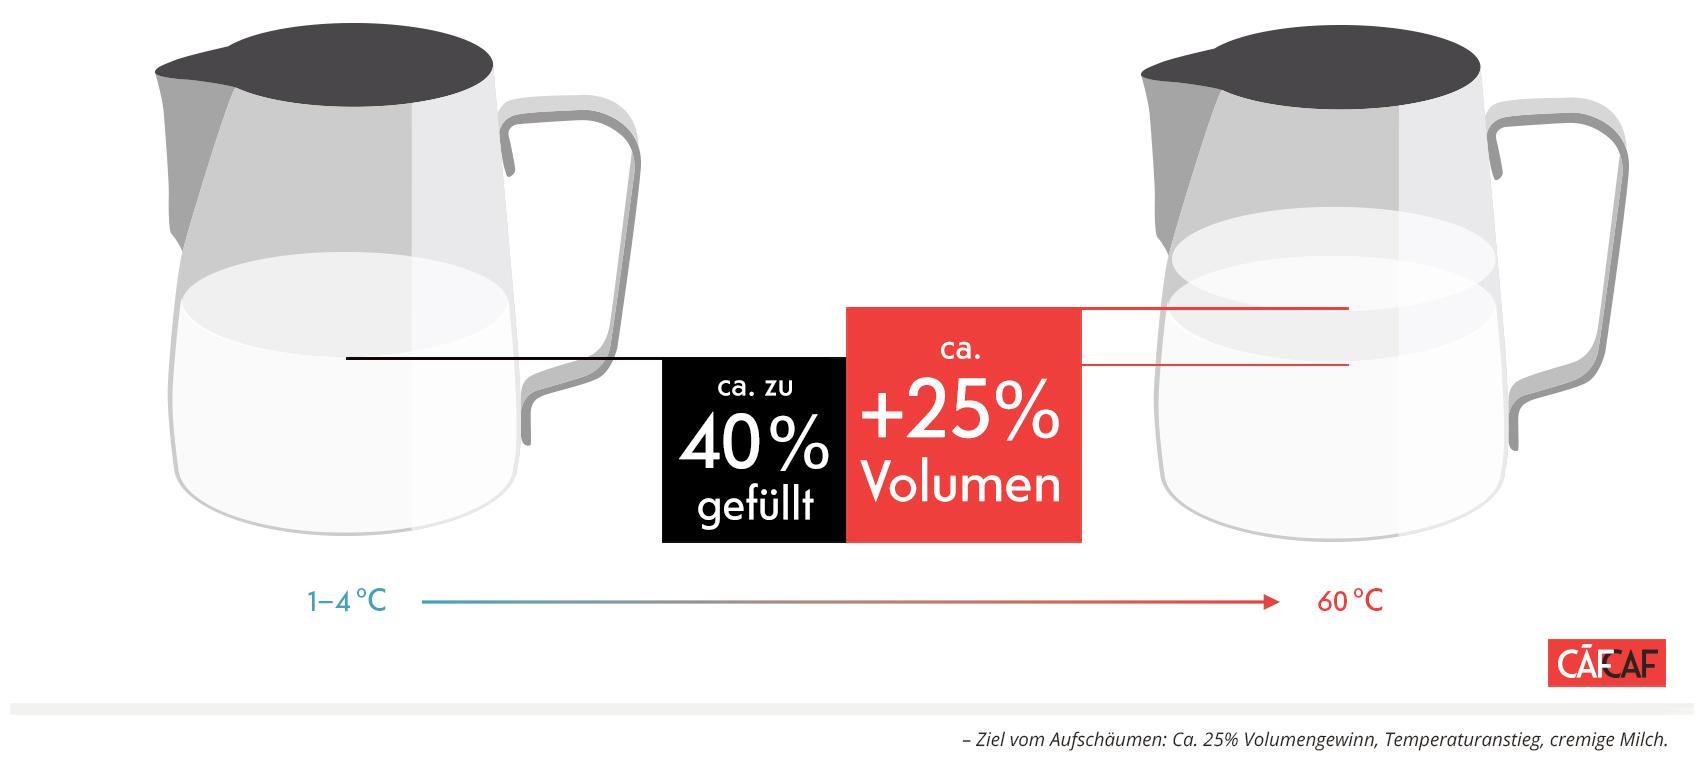 CafCaf Kaffee Blog, Kaffeeblog: – Ziel vom Aufschäumen: Ca. 25% Volumengewinn, Temperaturanstieg, cremige Milch.